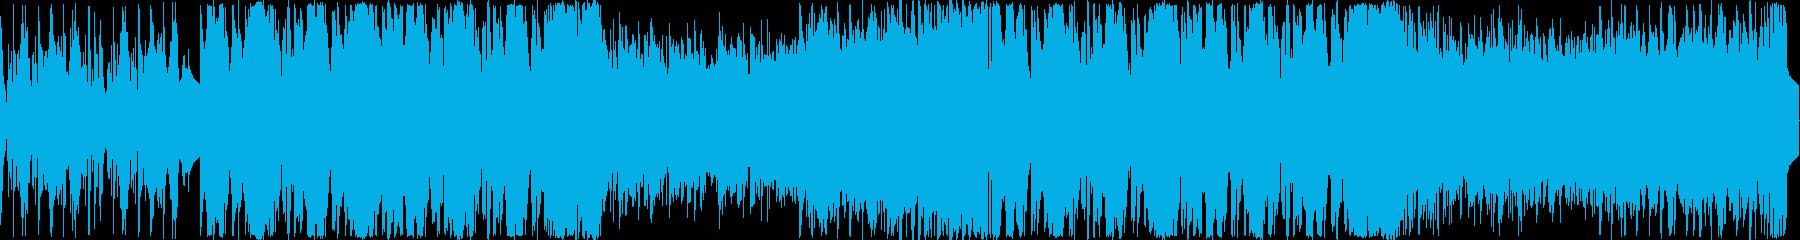 ダークファンタジーのゲーム曲の再生済みの波形